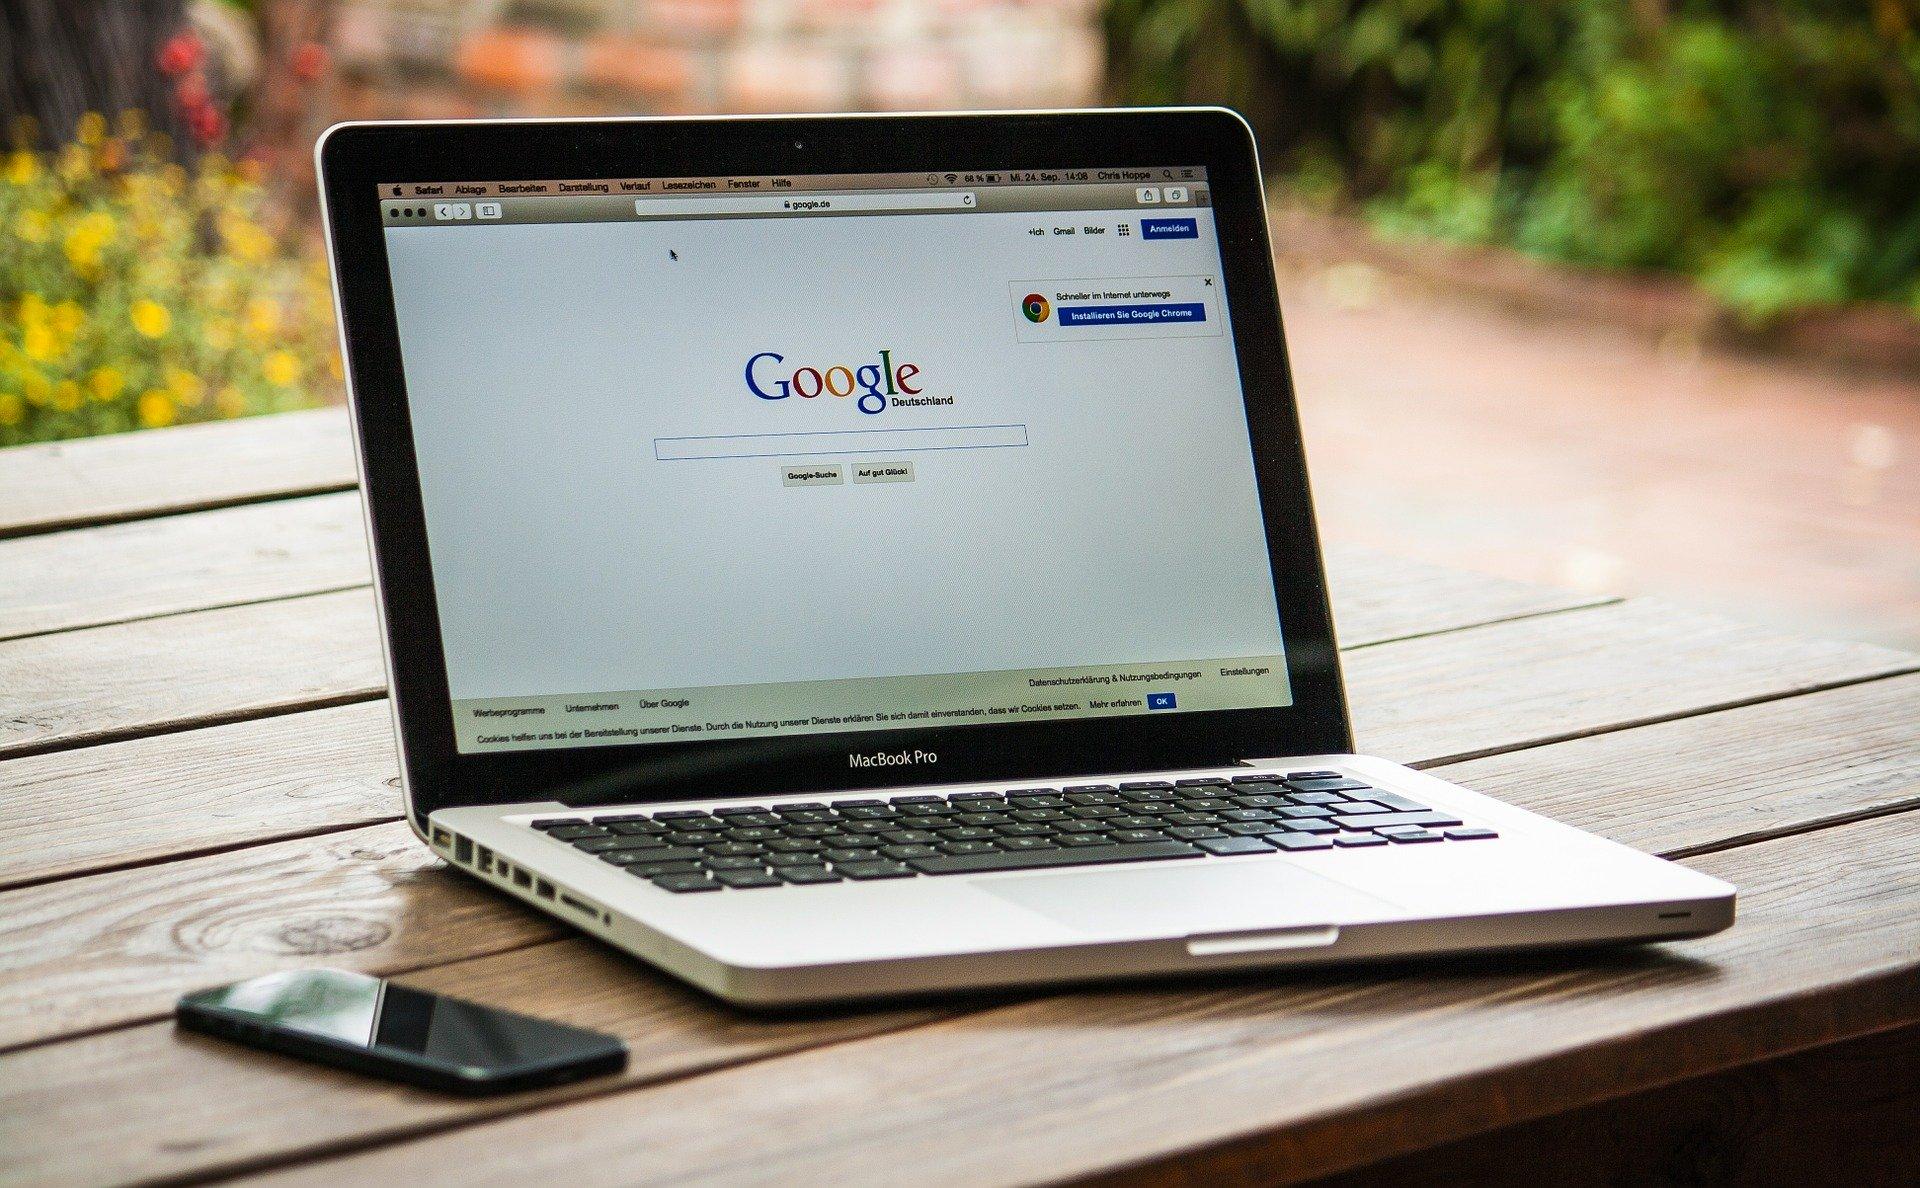 Googleを開いているパソコン